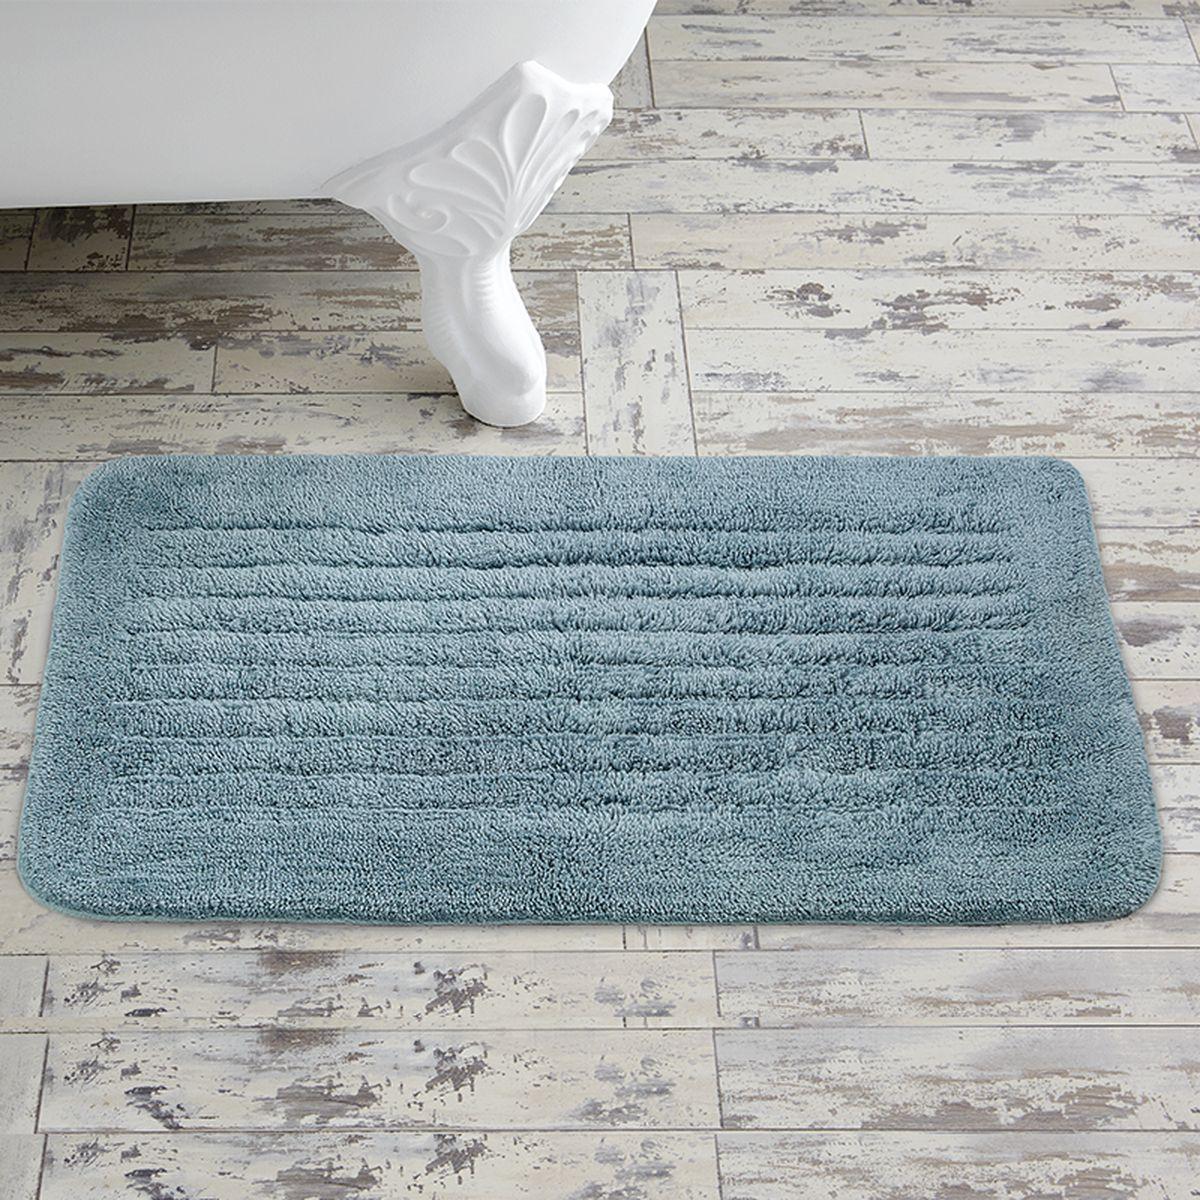 Коврик для ванной Togas Аква, 50 х 80 см10.00.08.0022Коврик для ванной Togas Аква выполнен из натурального 100% хлопка. Элегантный дизайн, исключительная мягкость и прочность хлопковых нитей, использованных для изготовления этого изделия делают его неподражаемым. Коврик для ванной Togas Аква прост в уходе, обладает высокой степенью впитываемости, не образует катышков даже после многократных стирок, что подтверждается его внешней эластичностью и гладкостью.